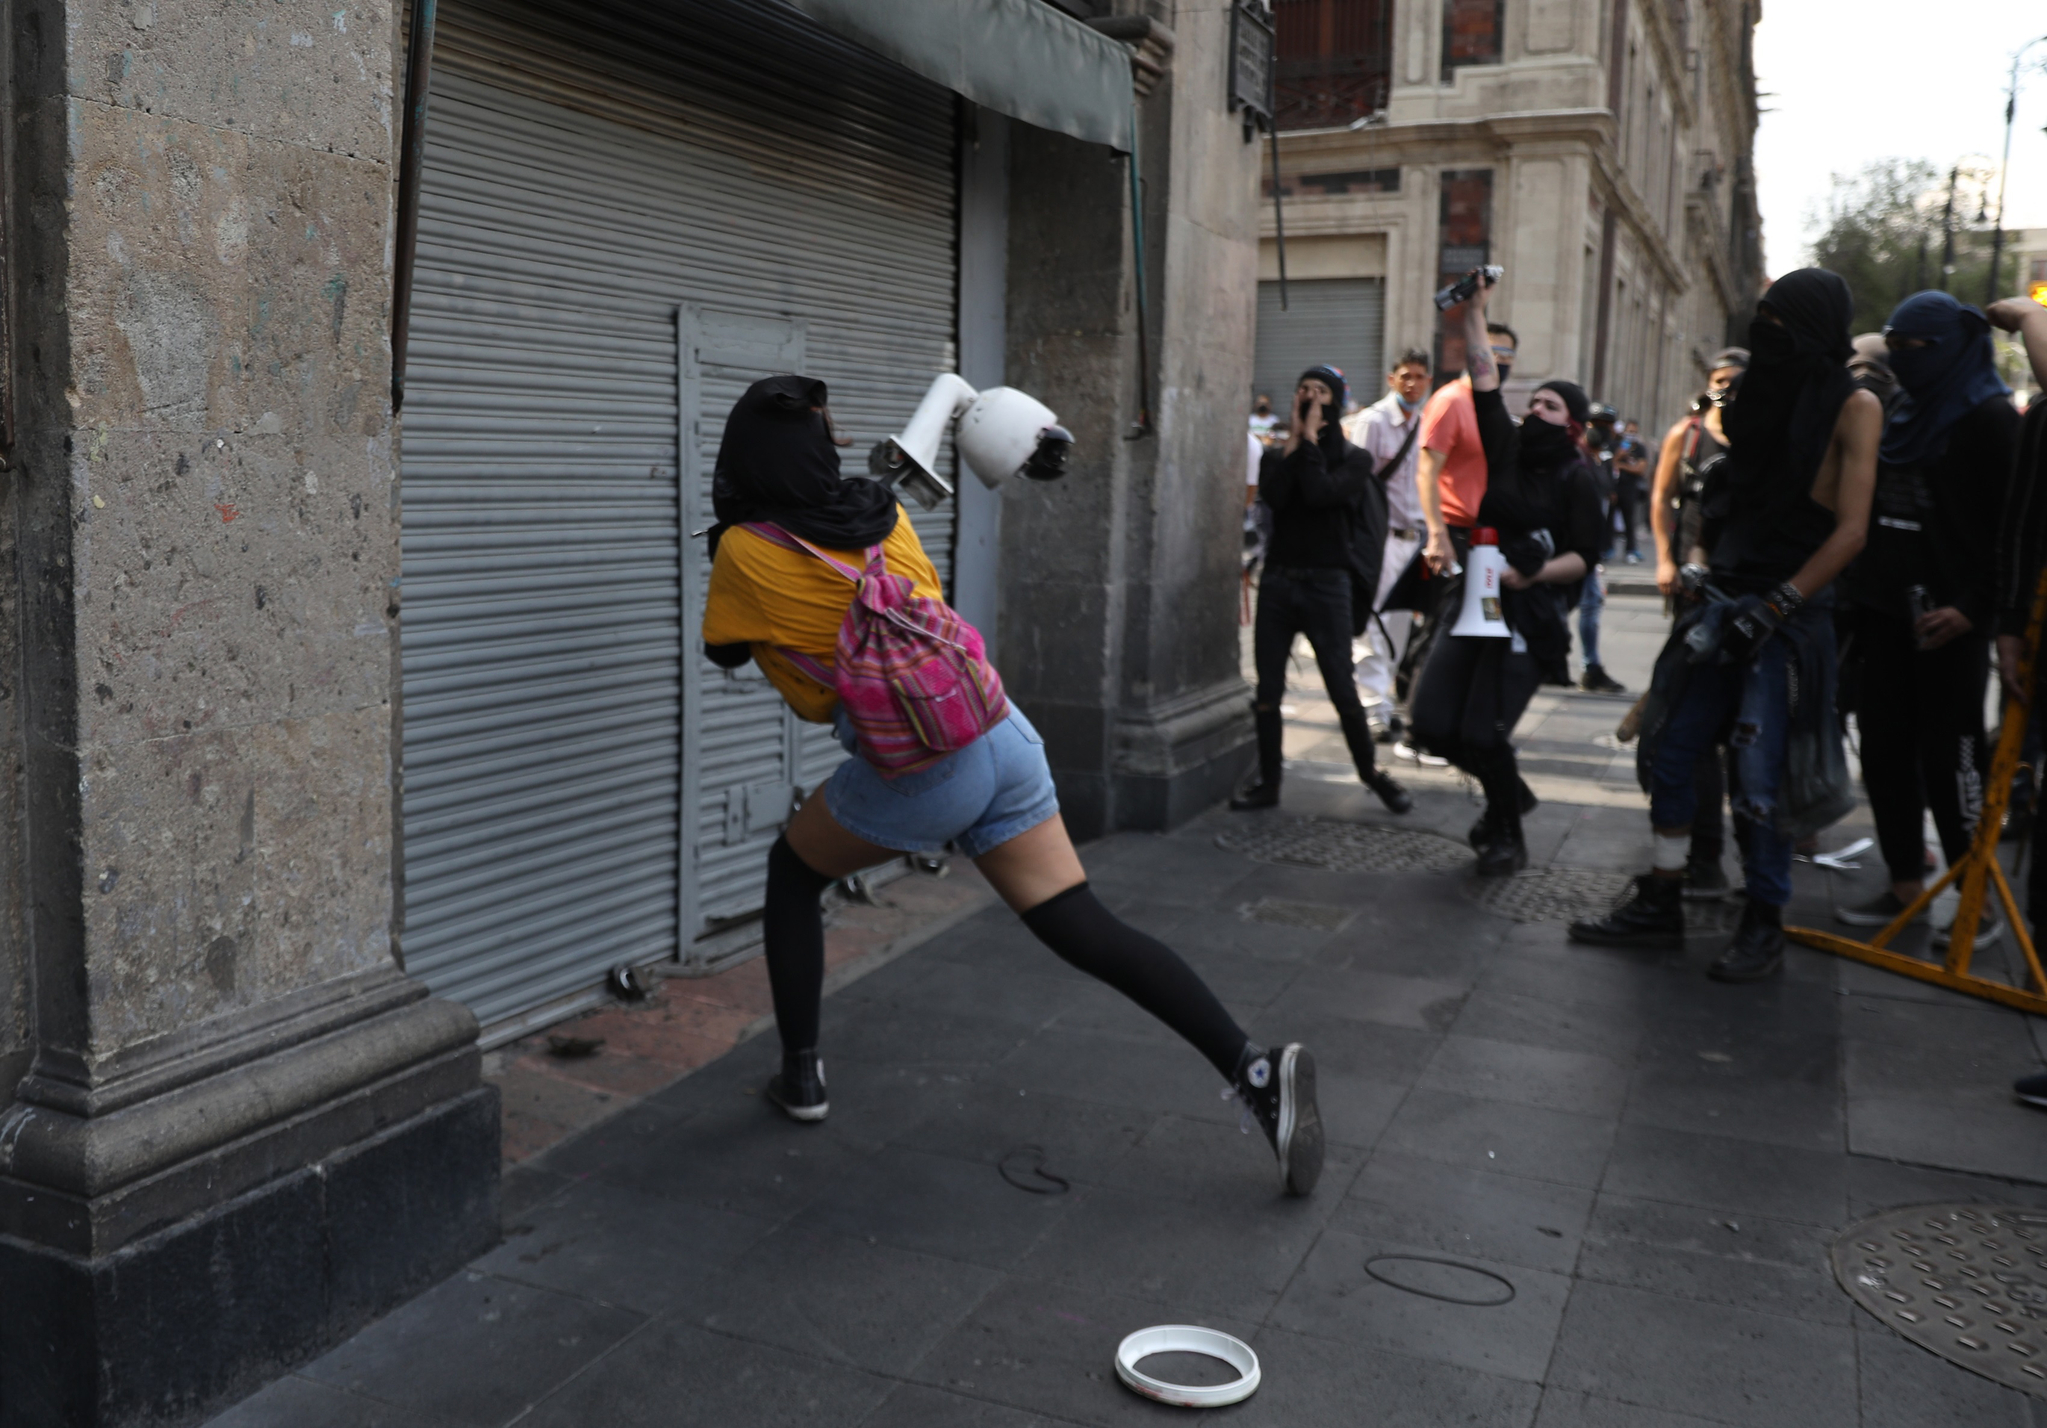 백인 경찰의 과잉진압으로 사망한 조지 플로이드처럼 경찰의 과잉진압에 숨진 지오반니 로페스의 죽음에 대해 항의하는 시위가 멕시코에서 격화되고 있다. 8일(현지시간) 멕시코시티에서 한 시위대가 거리에 설치됐던 CCTV 카메라를 뽑아내 인근 상가에 던지고 있다. EPA=연합뉴스